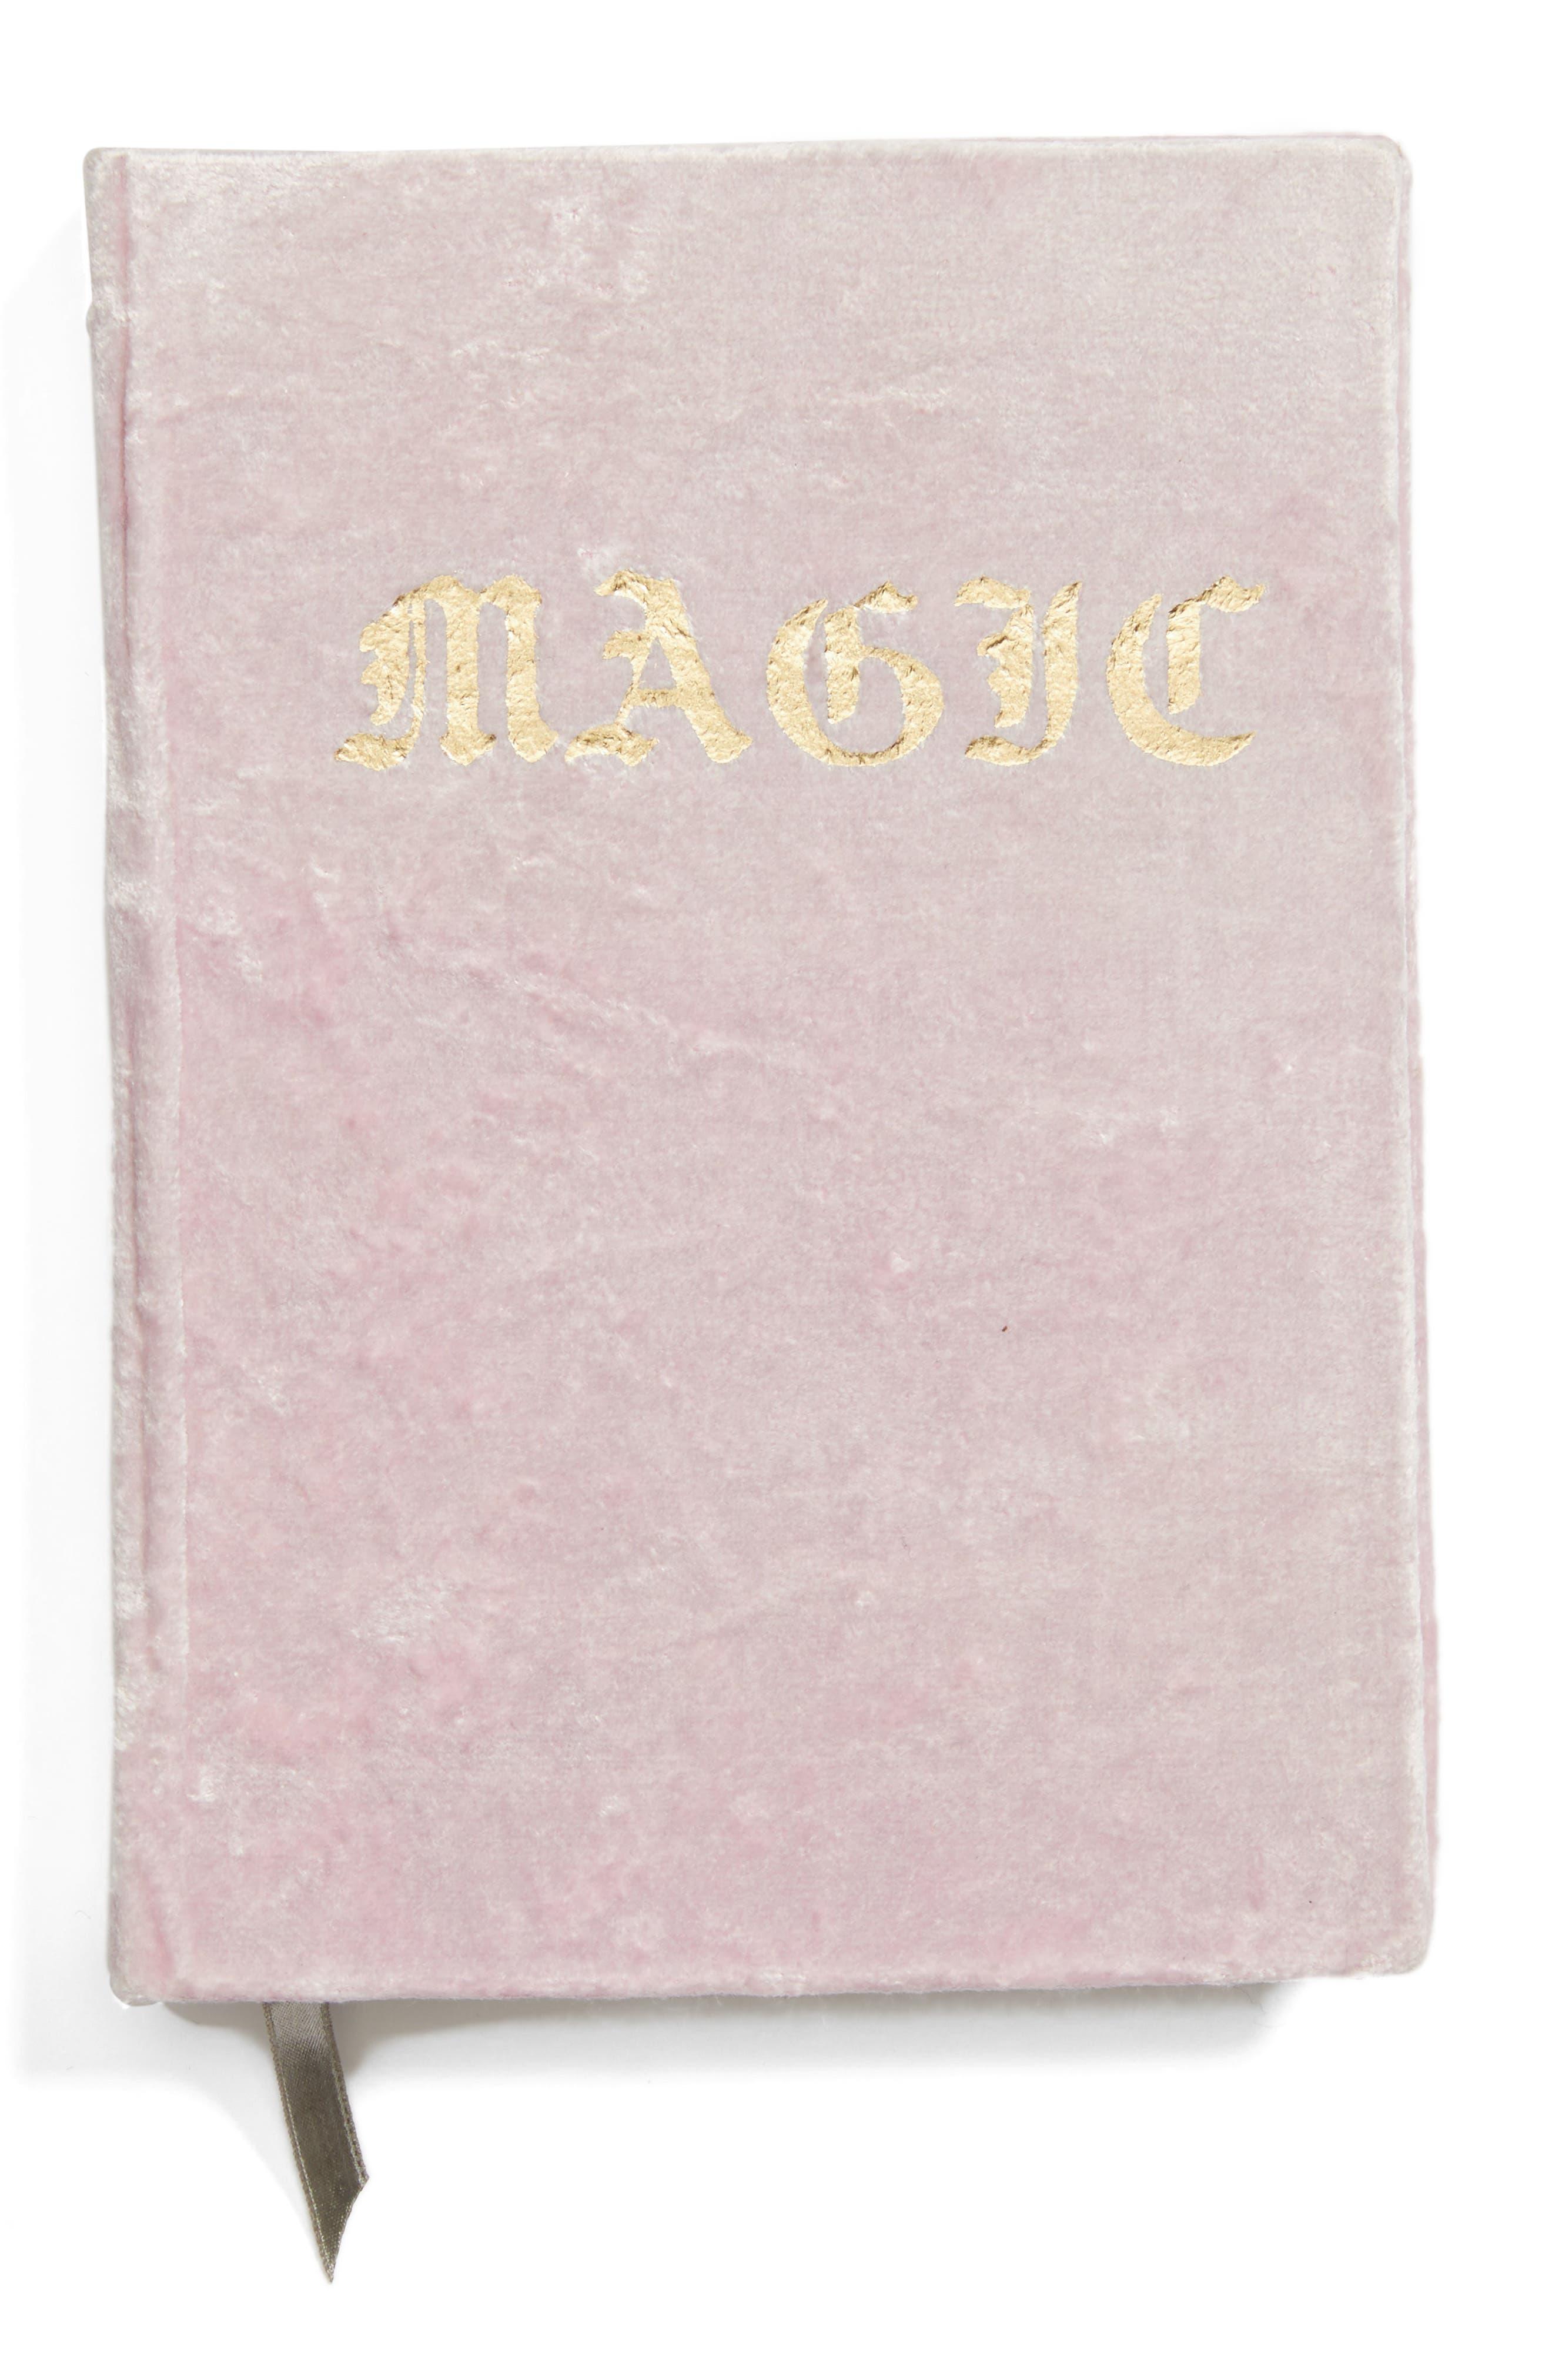 Main Image - Printfresh Magic Velvet Journal